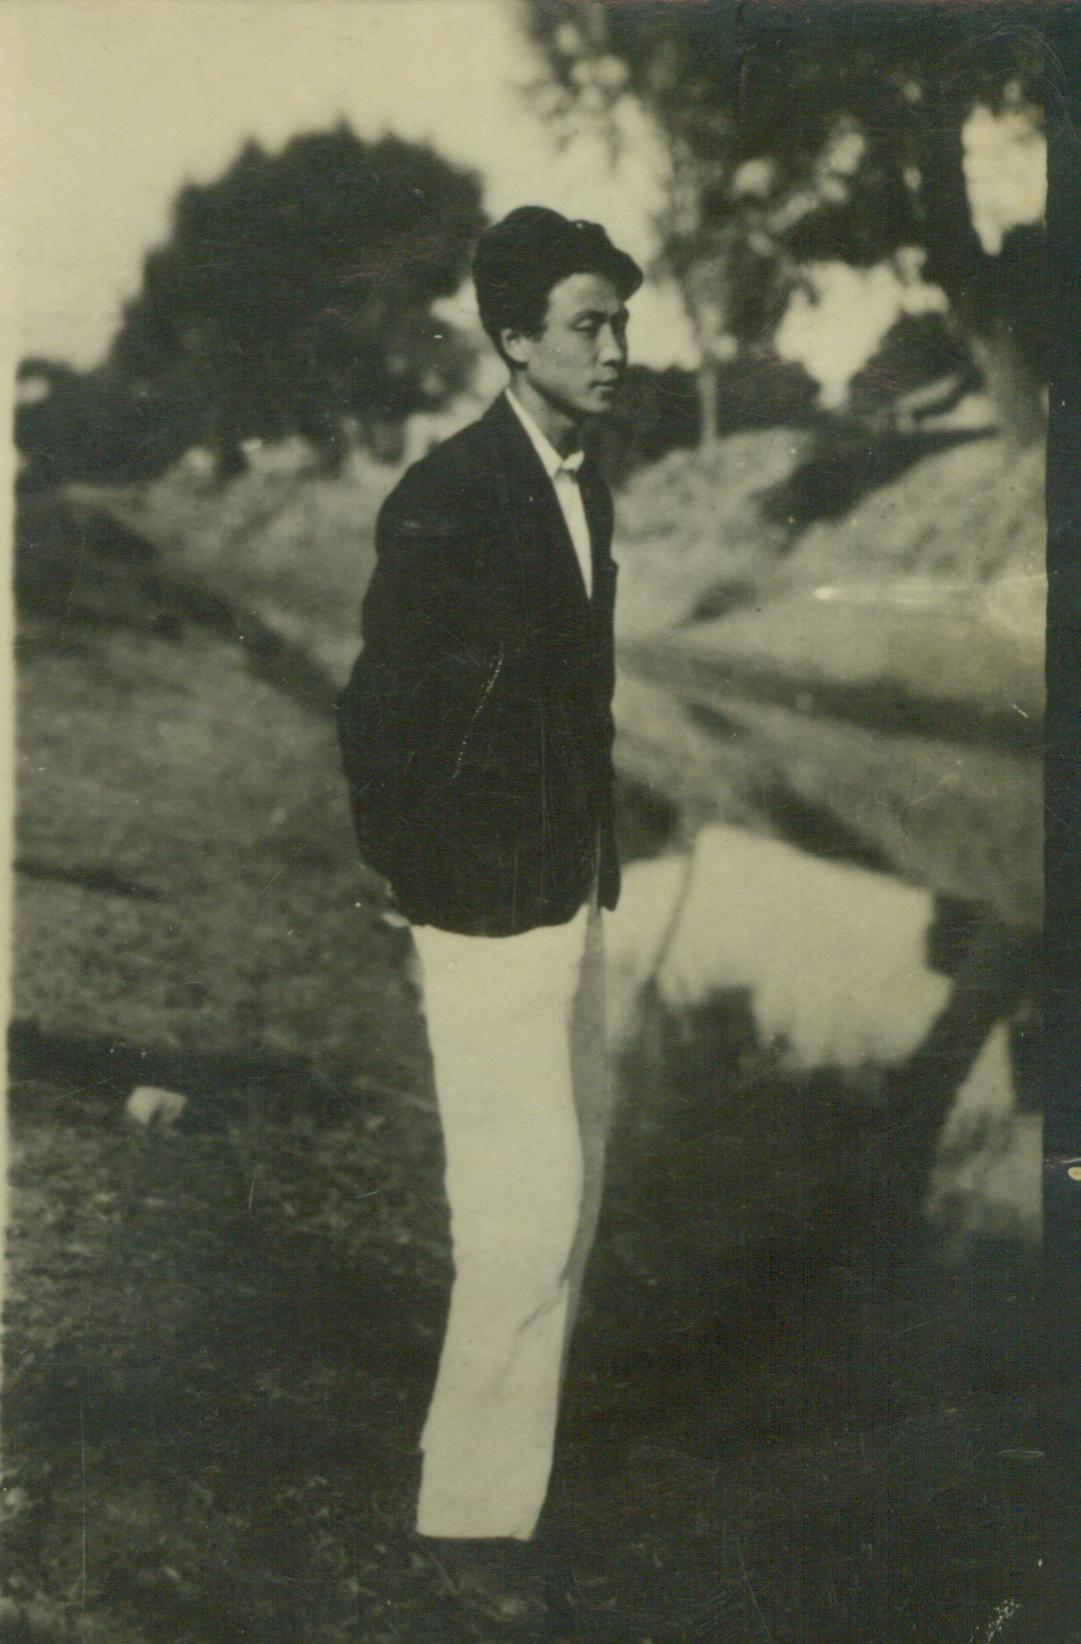 英雄烈士谱丨李竹如:37年激扬文字为抗战